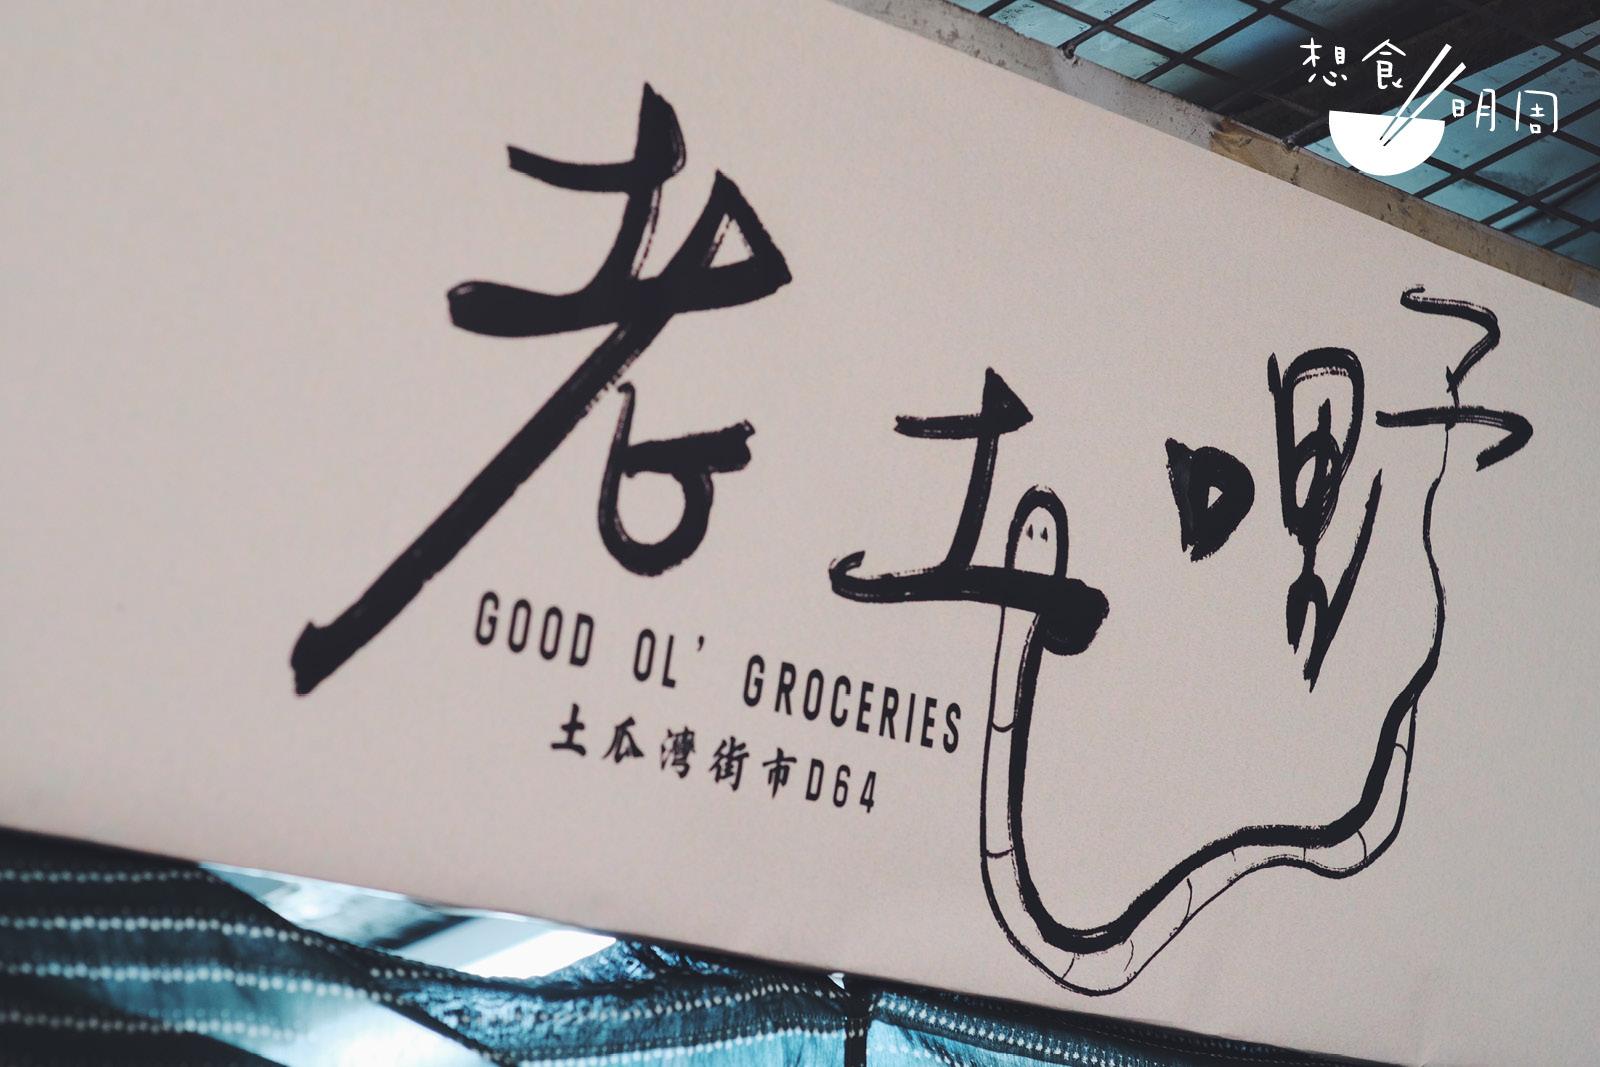 由四名年輕人共同經營的街市雜貨店。